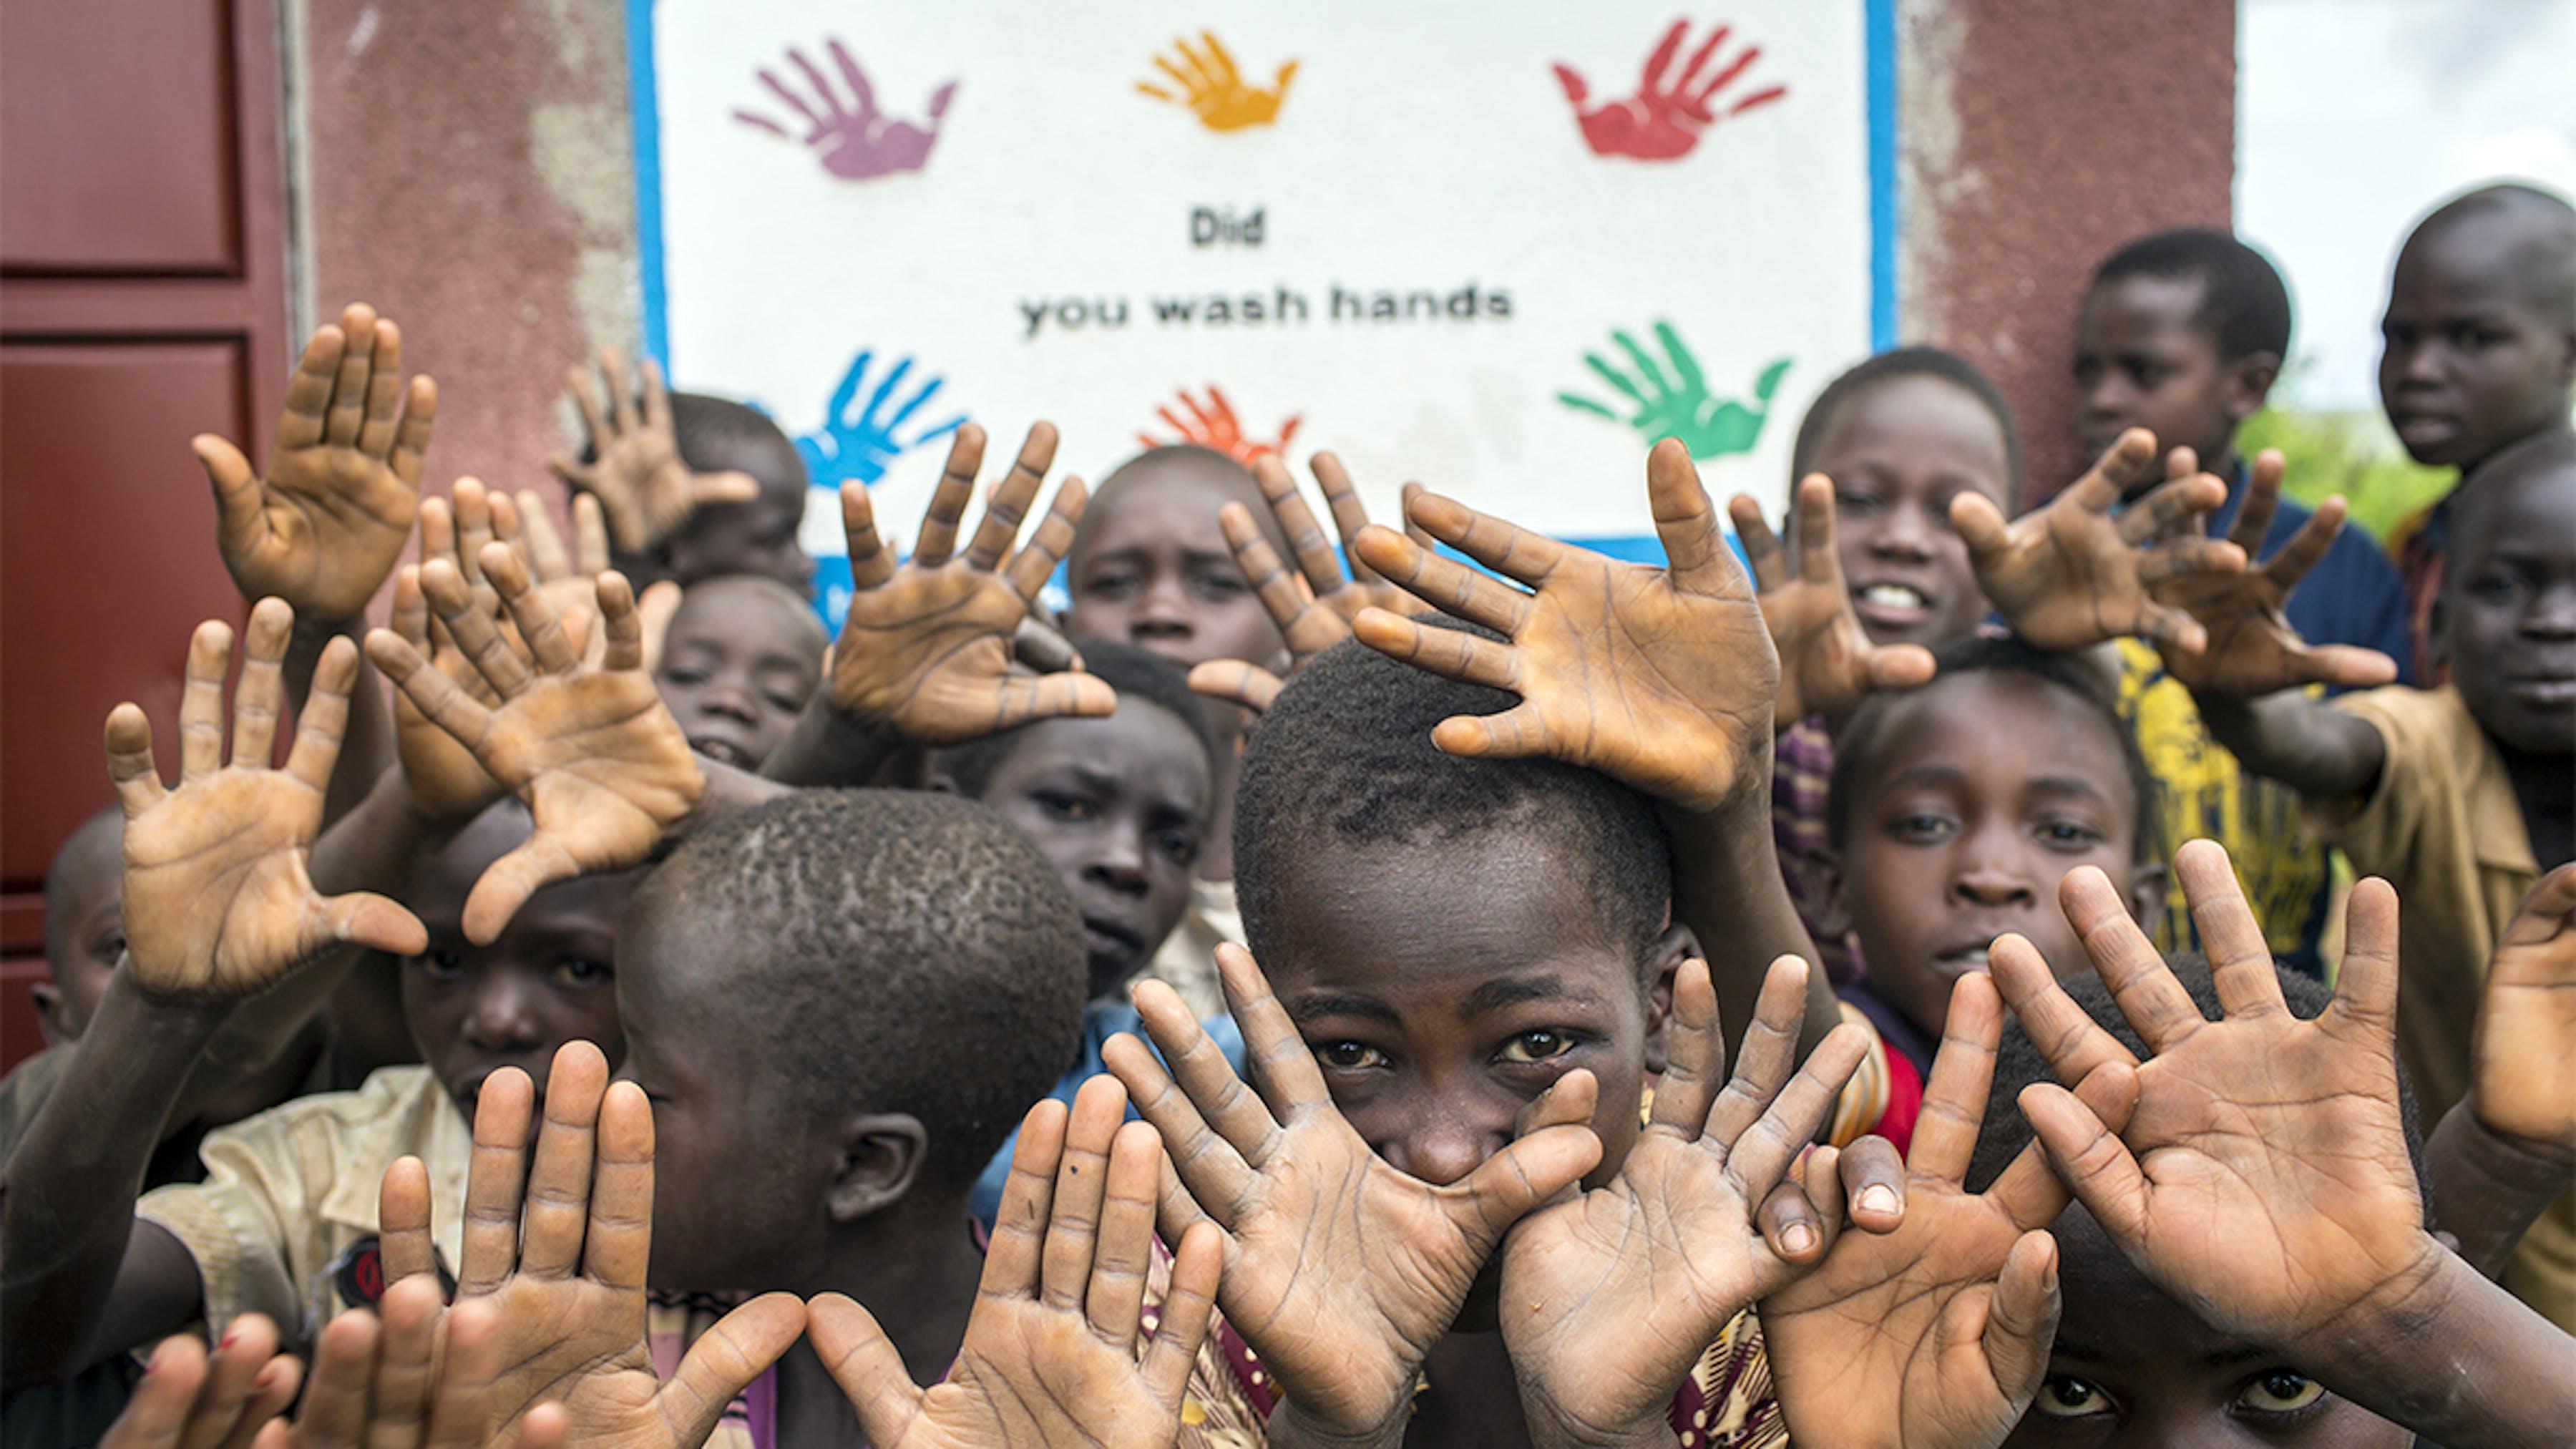 Uganda, studenti di fronte a un cartello che promuove il lavaggio delle mani a scuola